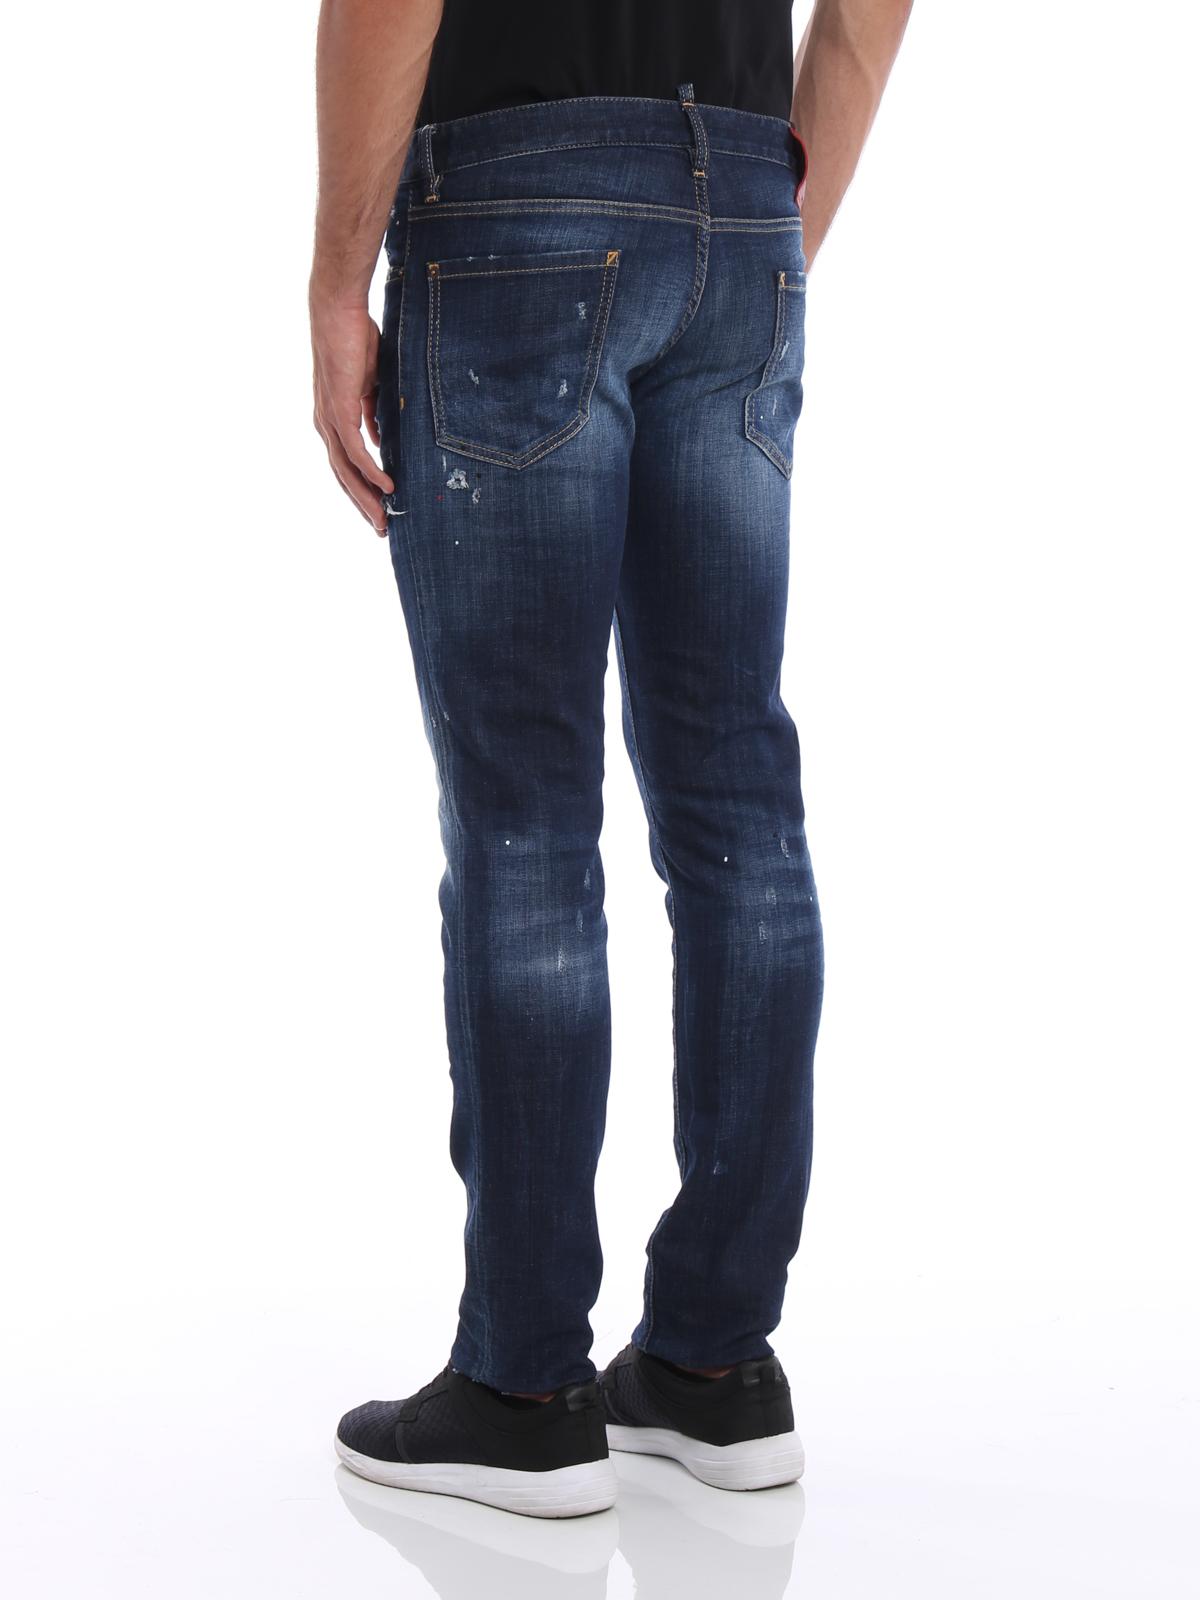 Dsquared2 - Jean Skinny - Slim - Jeans skinny - S71LB0364 S30342 470 0b1abbb08858